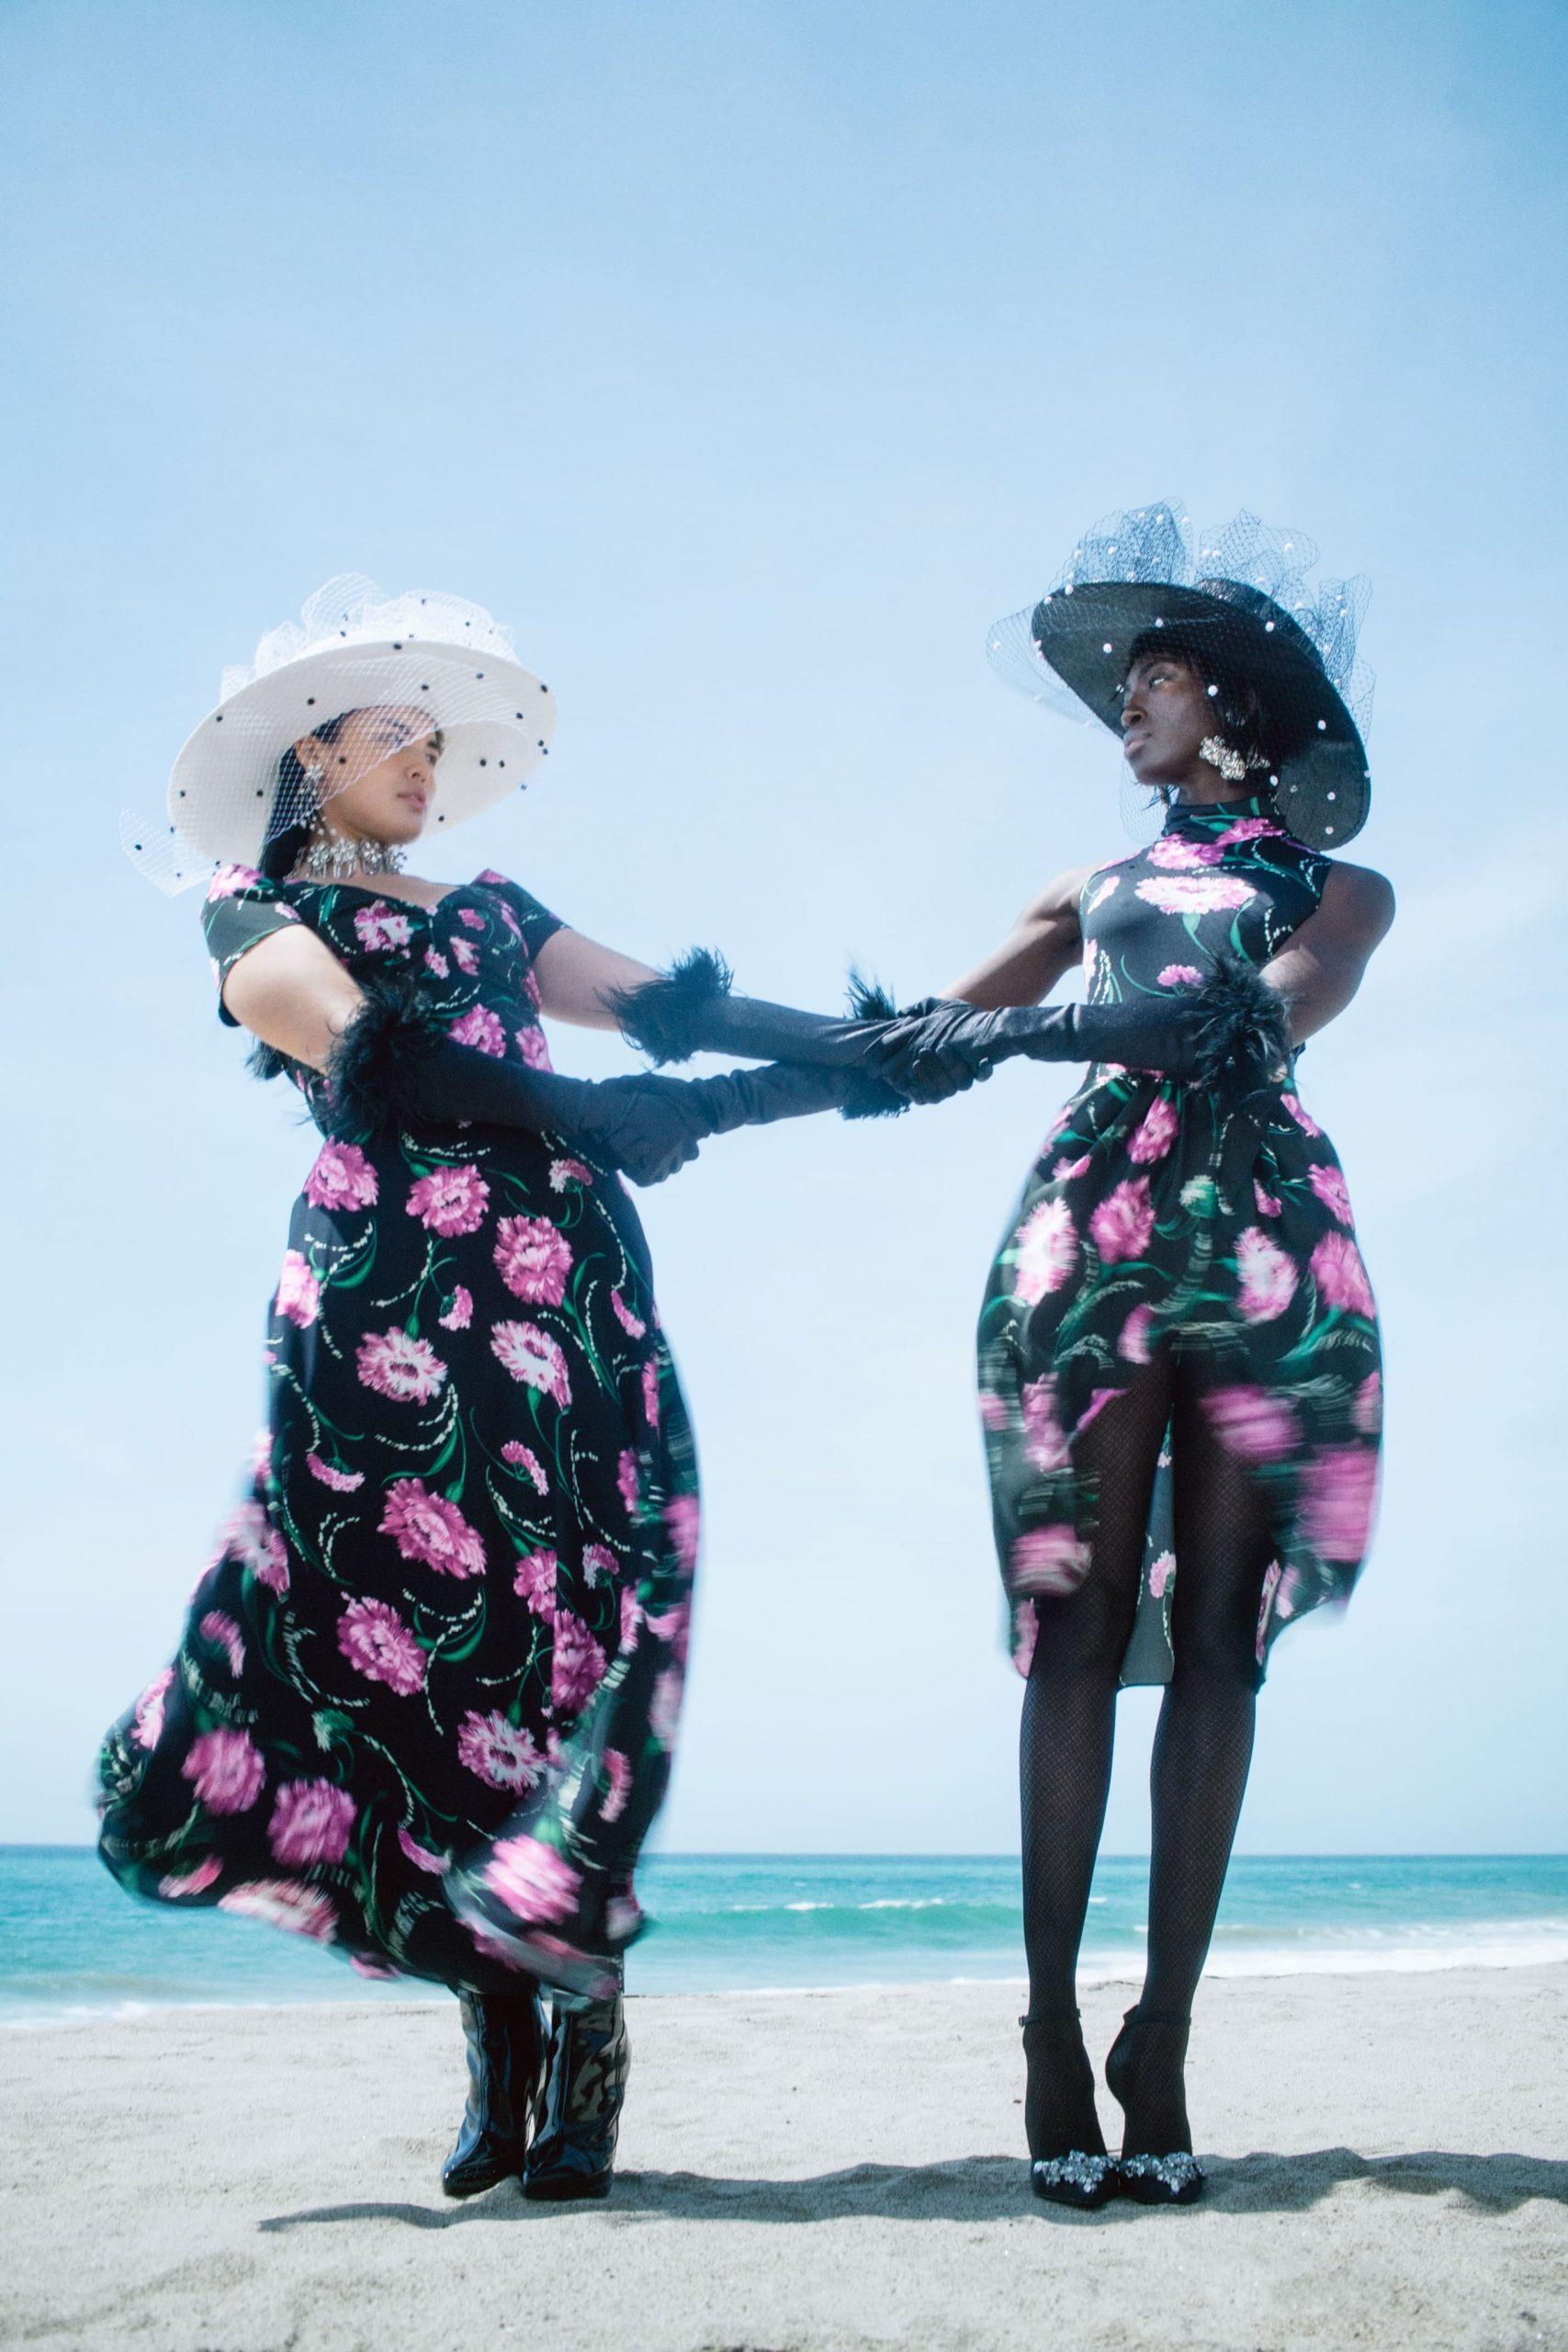 Fall 2021 Fashion Show Photos